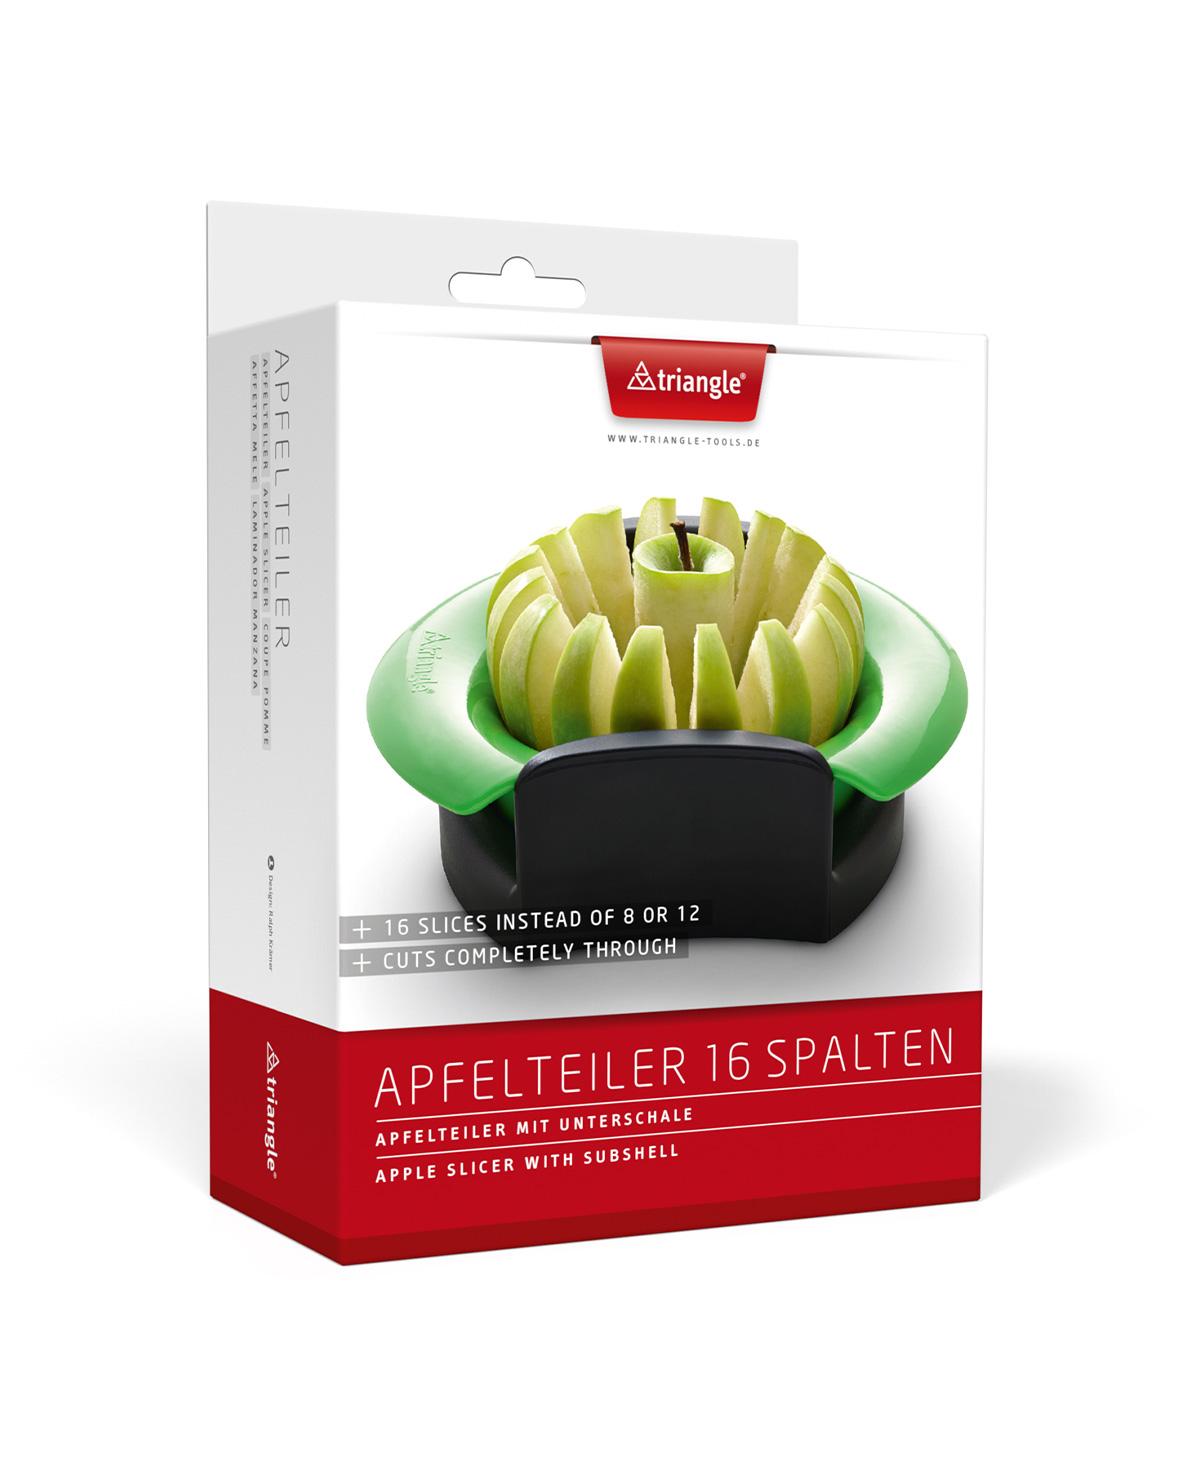 triangle Apfelteiler für 16 Spalten Scheiben extra dünn für Apfelkuchen schneidet komplett durch